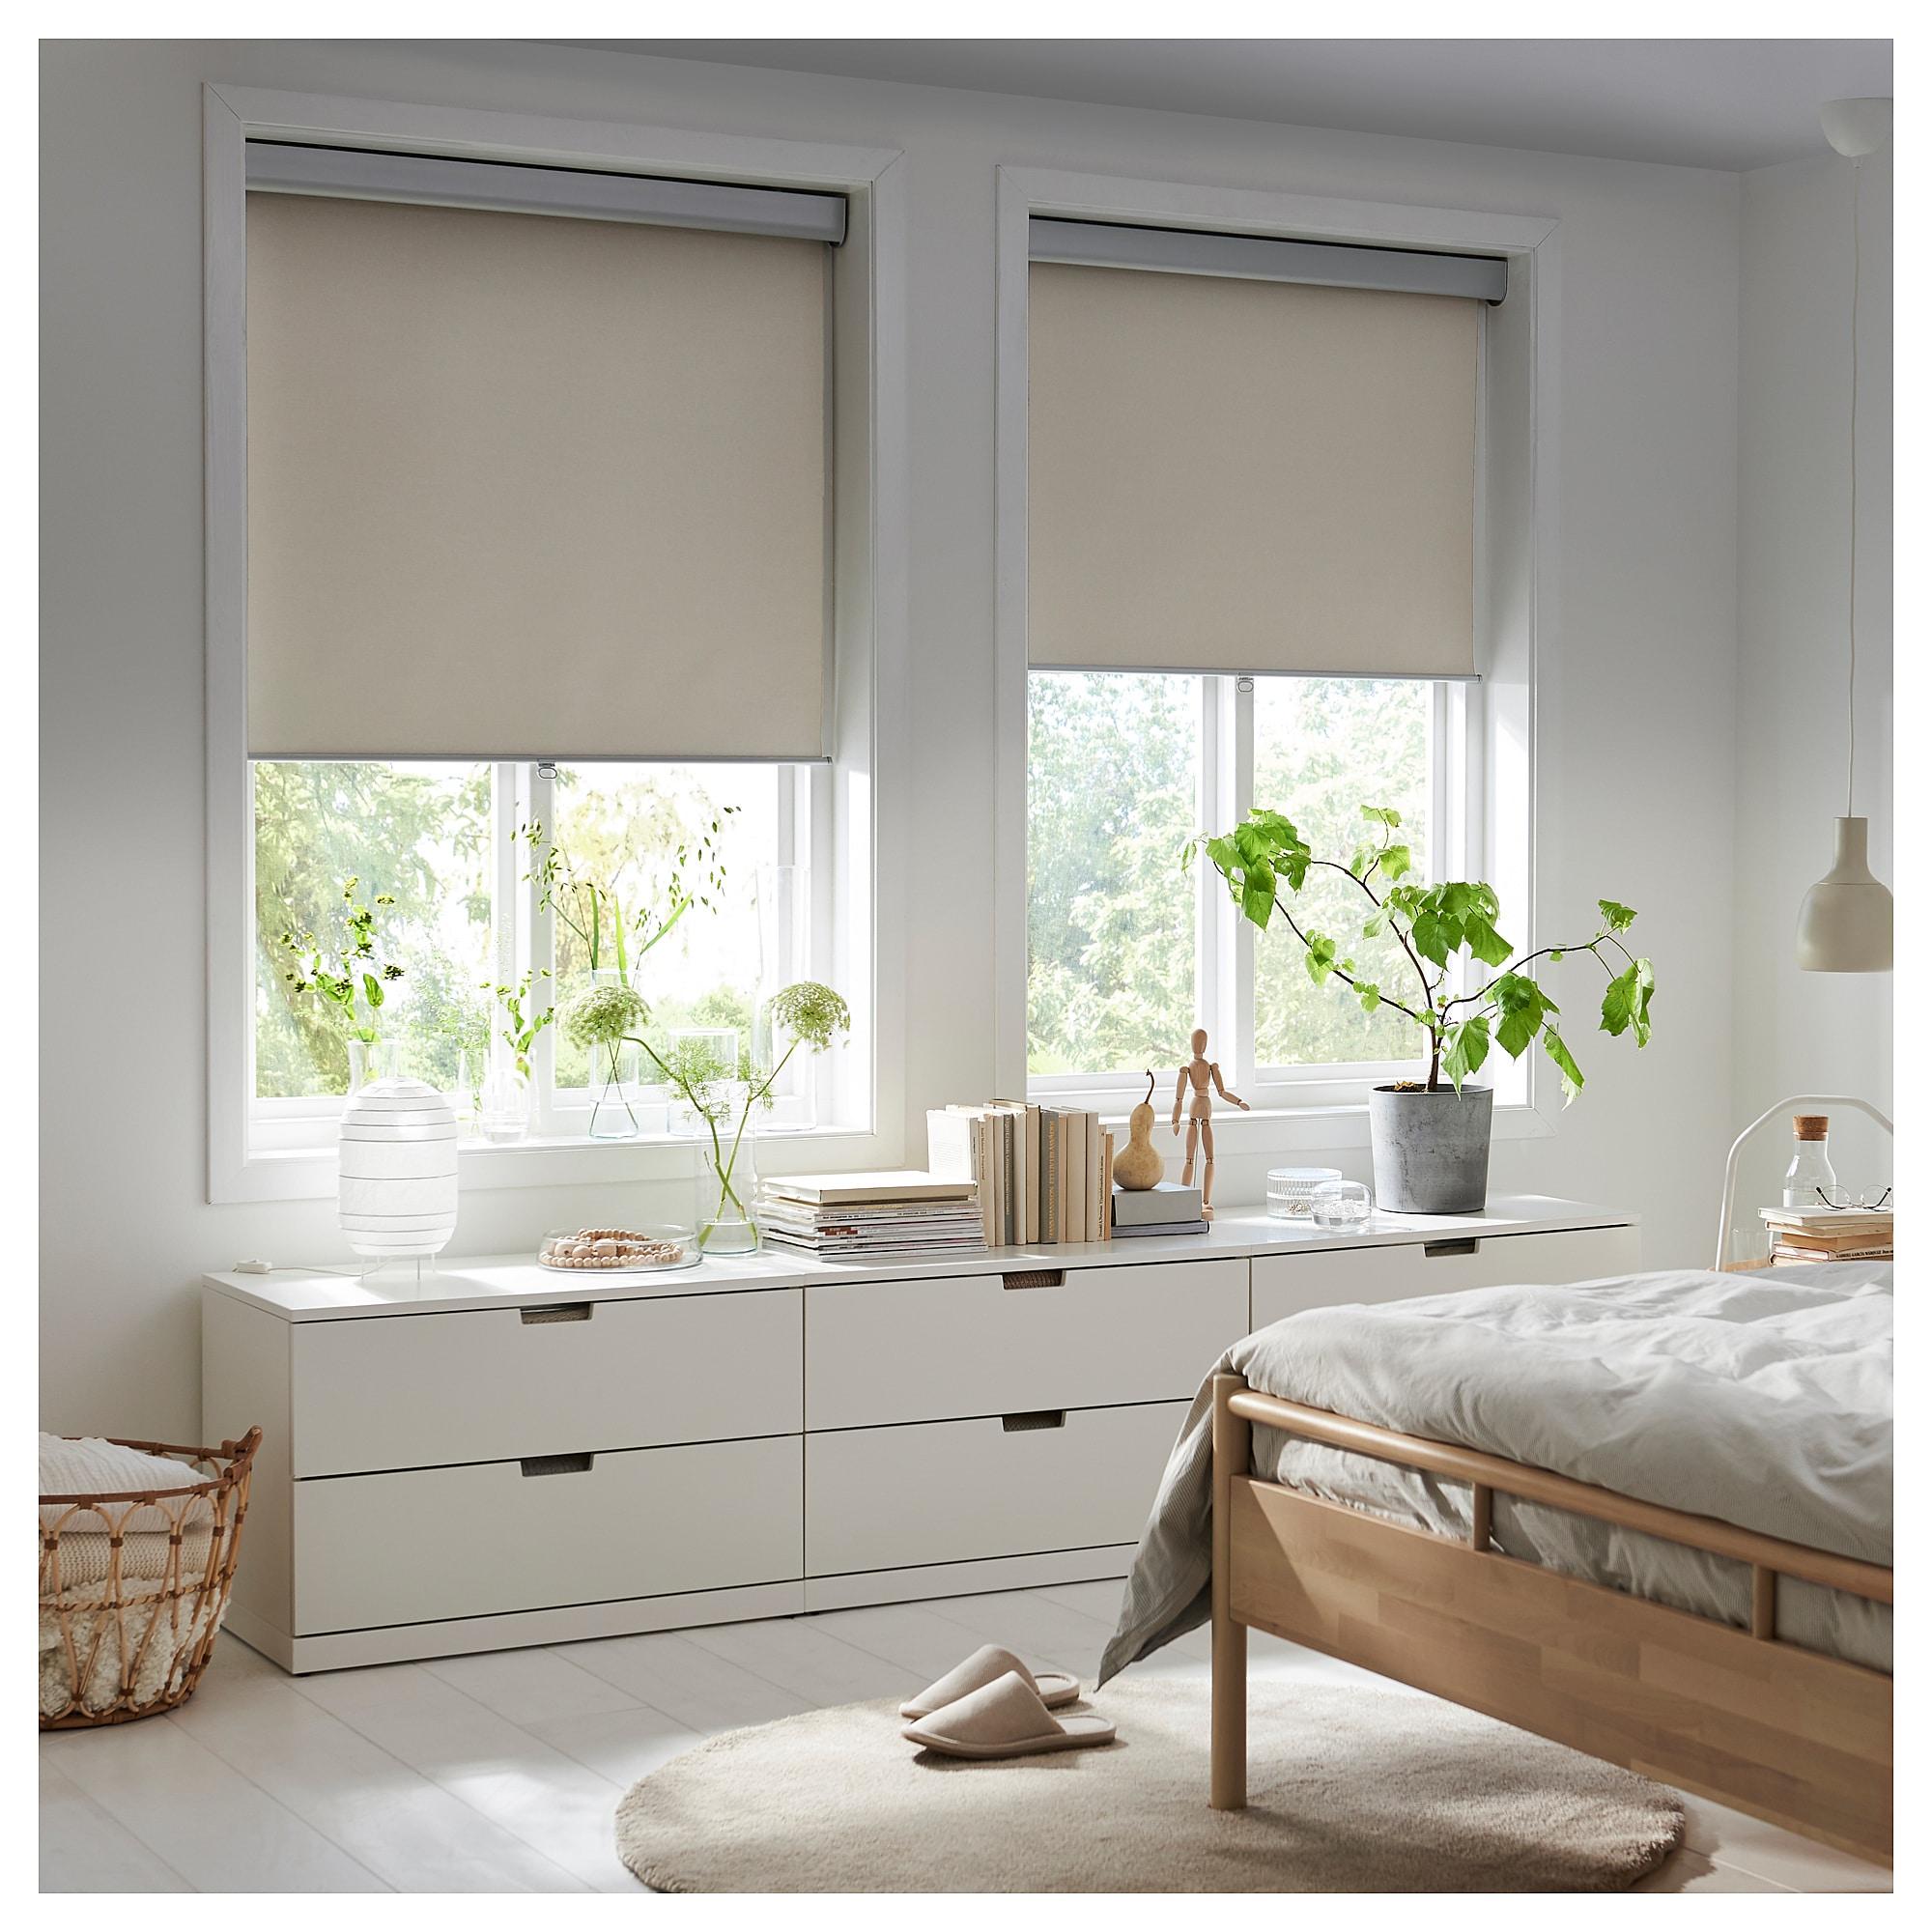 Full Size of Jalousien Ikea Modulküche Miniküche Fenster Betten 160x200 Bei Küche Kosten Sofa Mit Schlaffunktion Innen Kaufen Wohnzimmer Jalousien Ikea